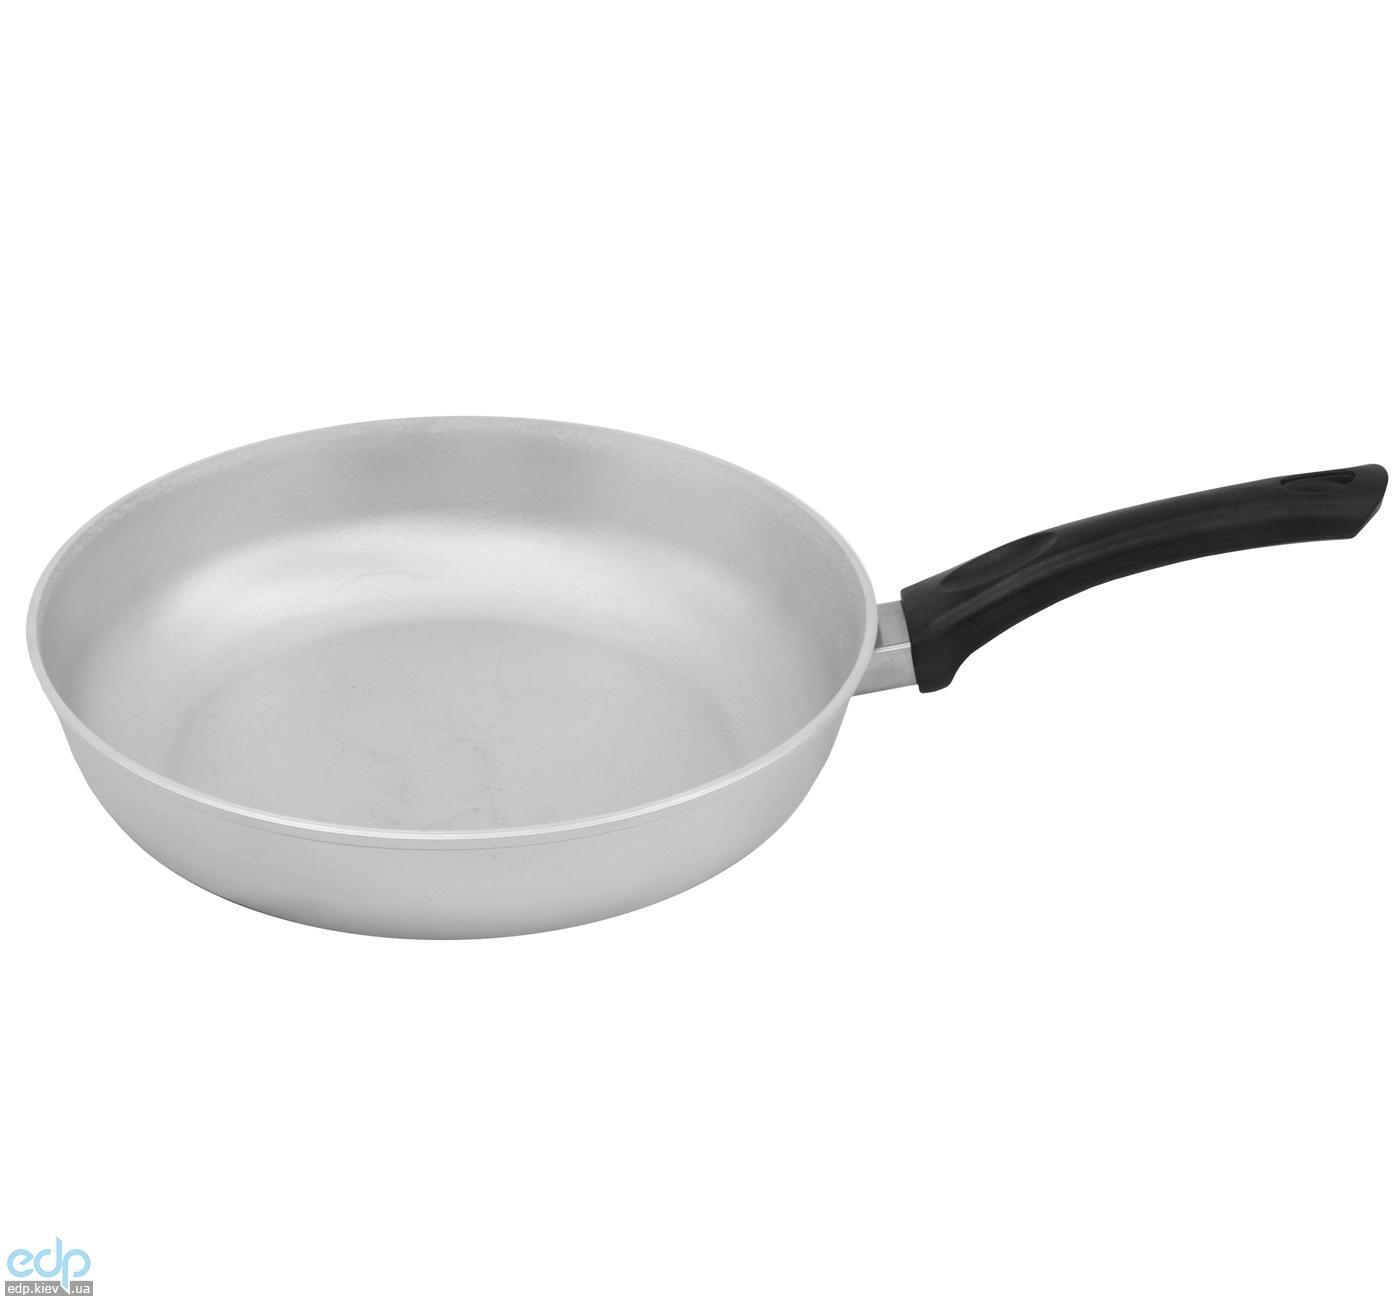 Биол - Сковорода с ровным дном алюминиевая без крышки диаметр 26 см (С263)